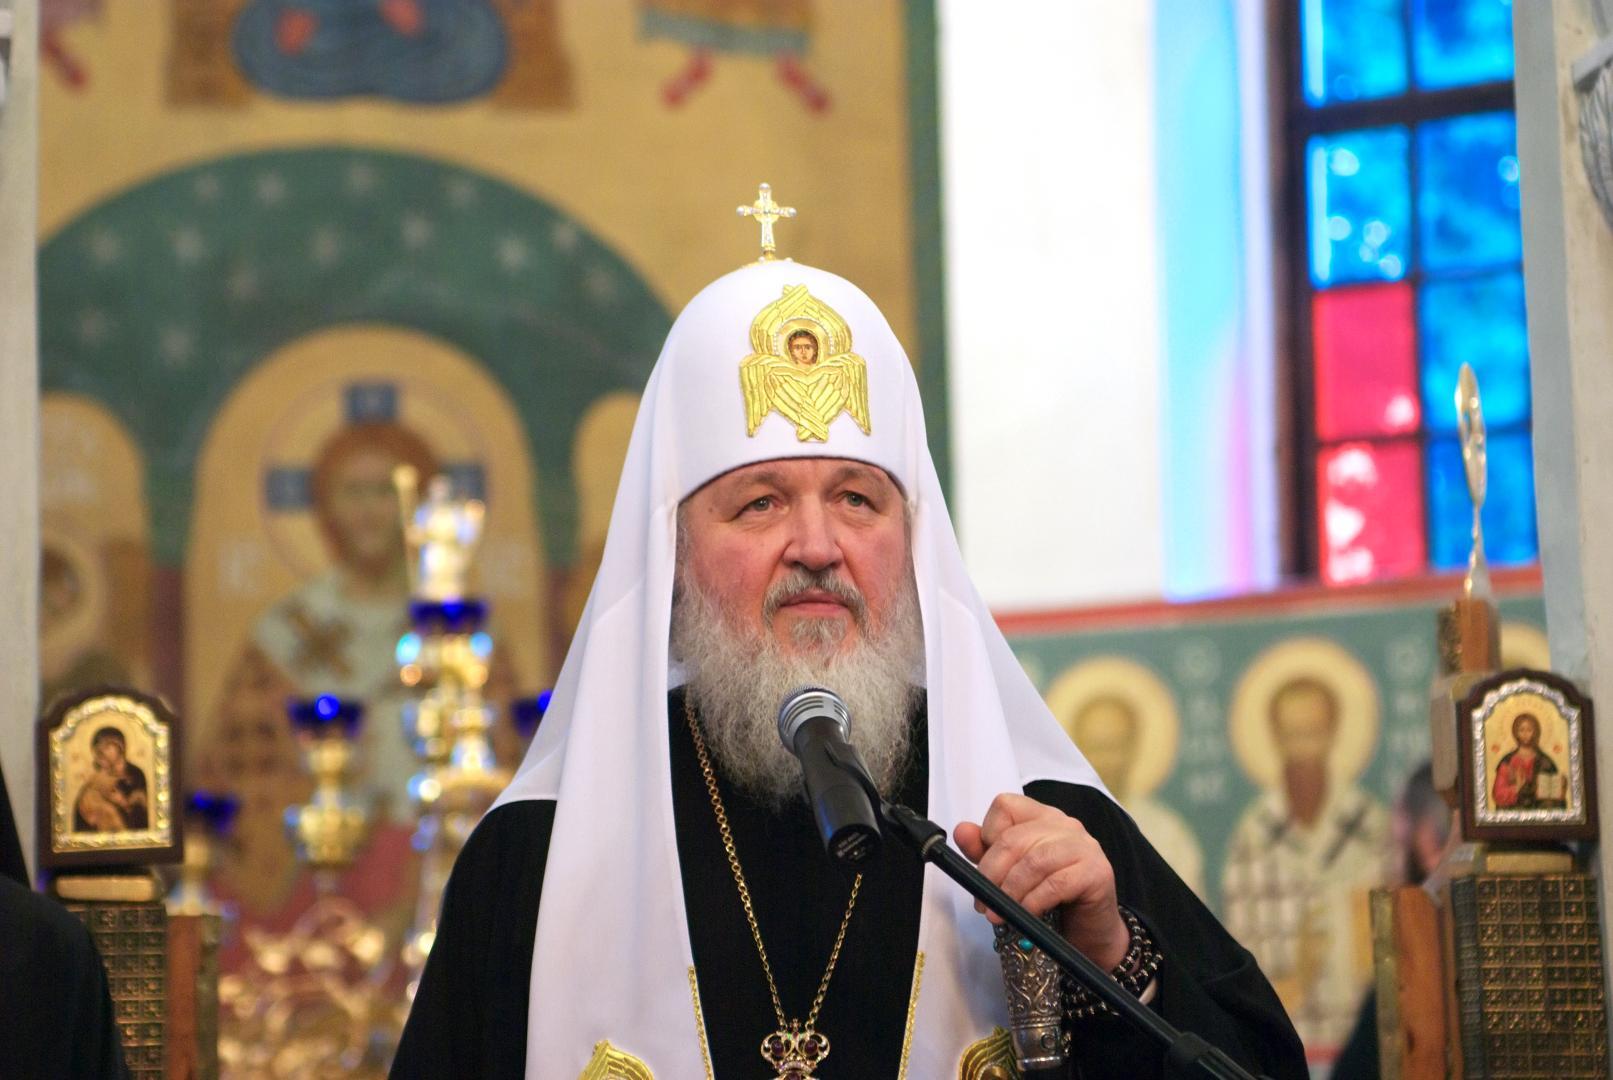 Patriarhul rus Kirill debarcă la Chișinău pentru a îl binecuvânta politic pe Igor Dodon